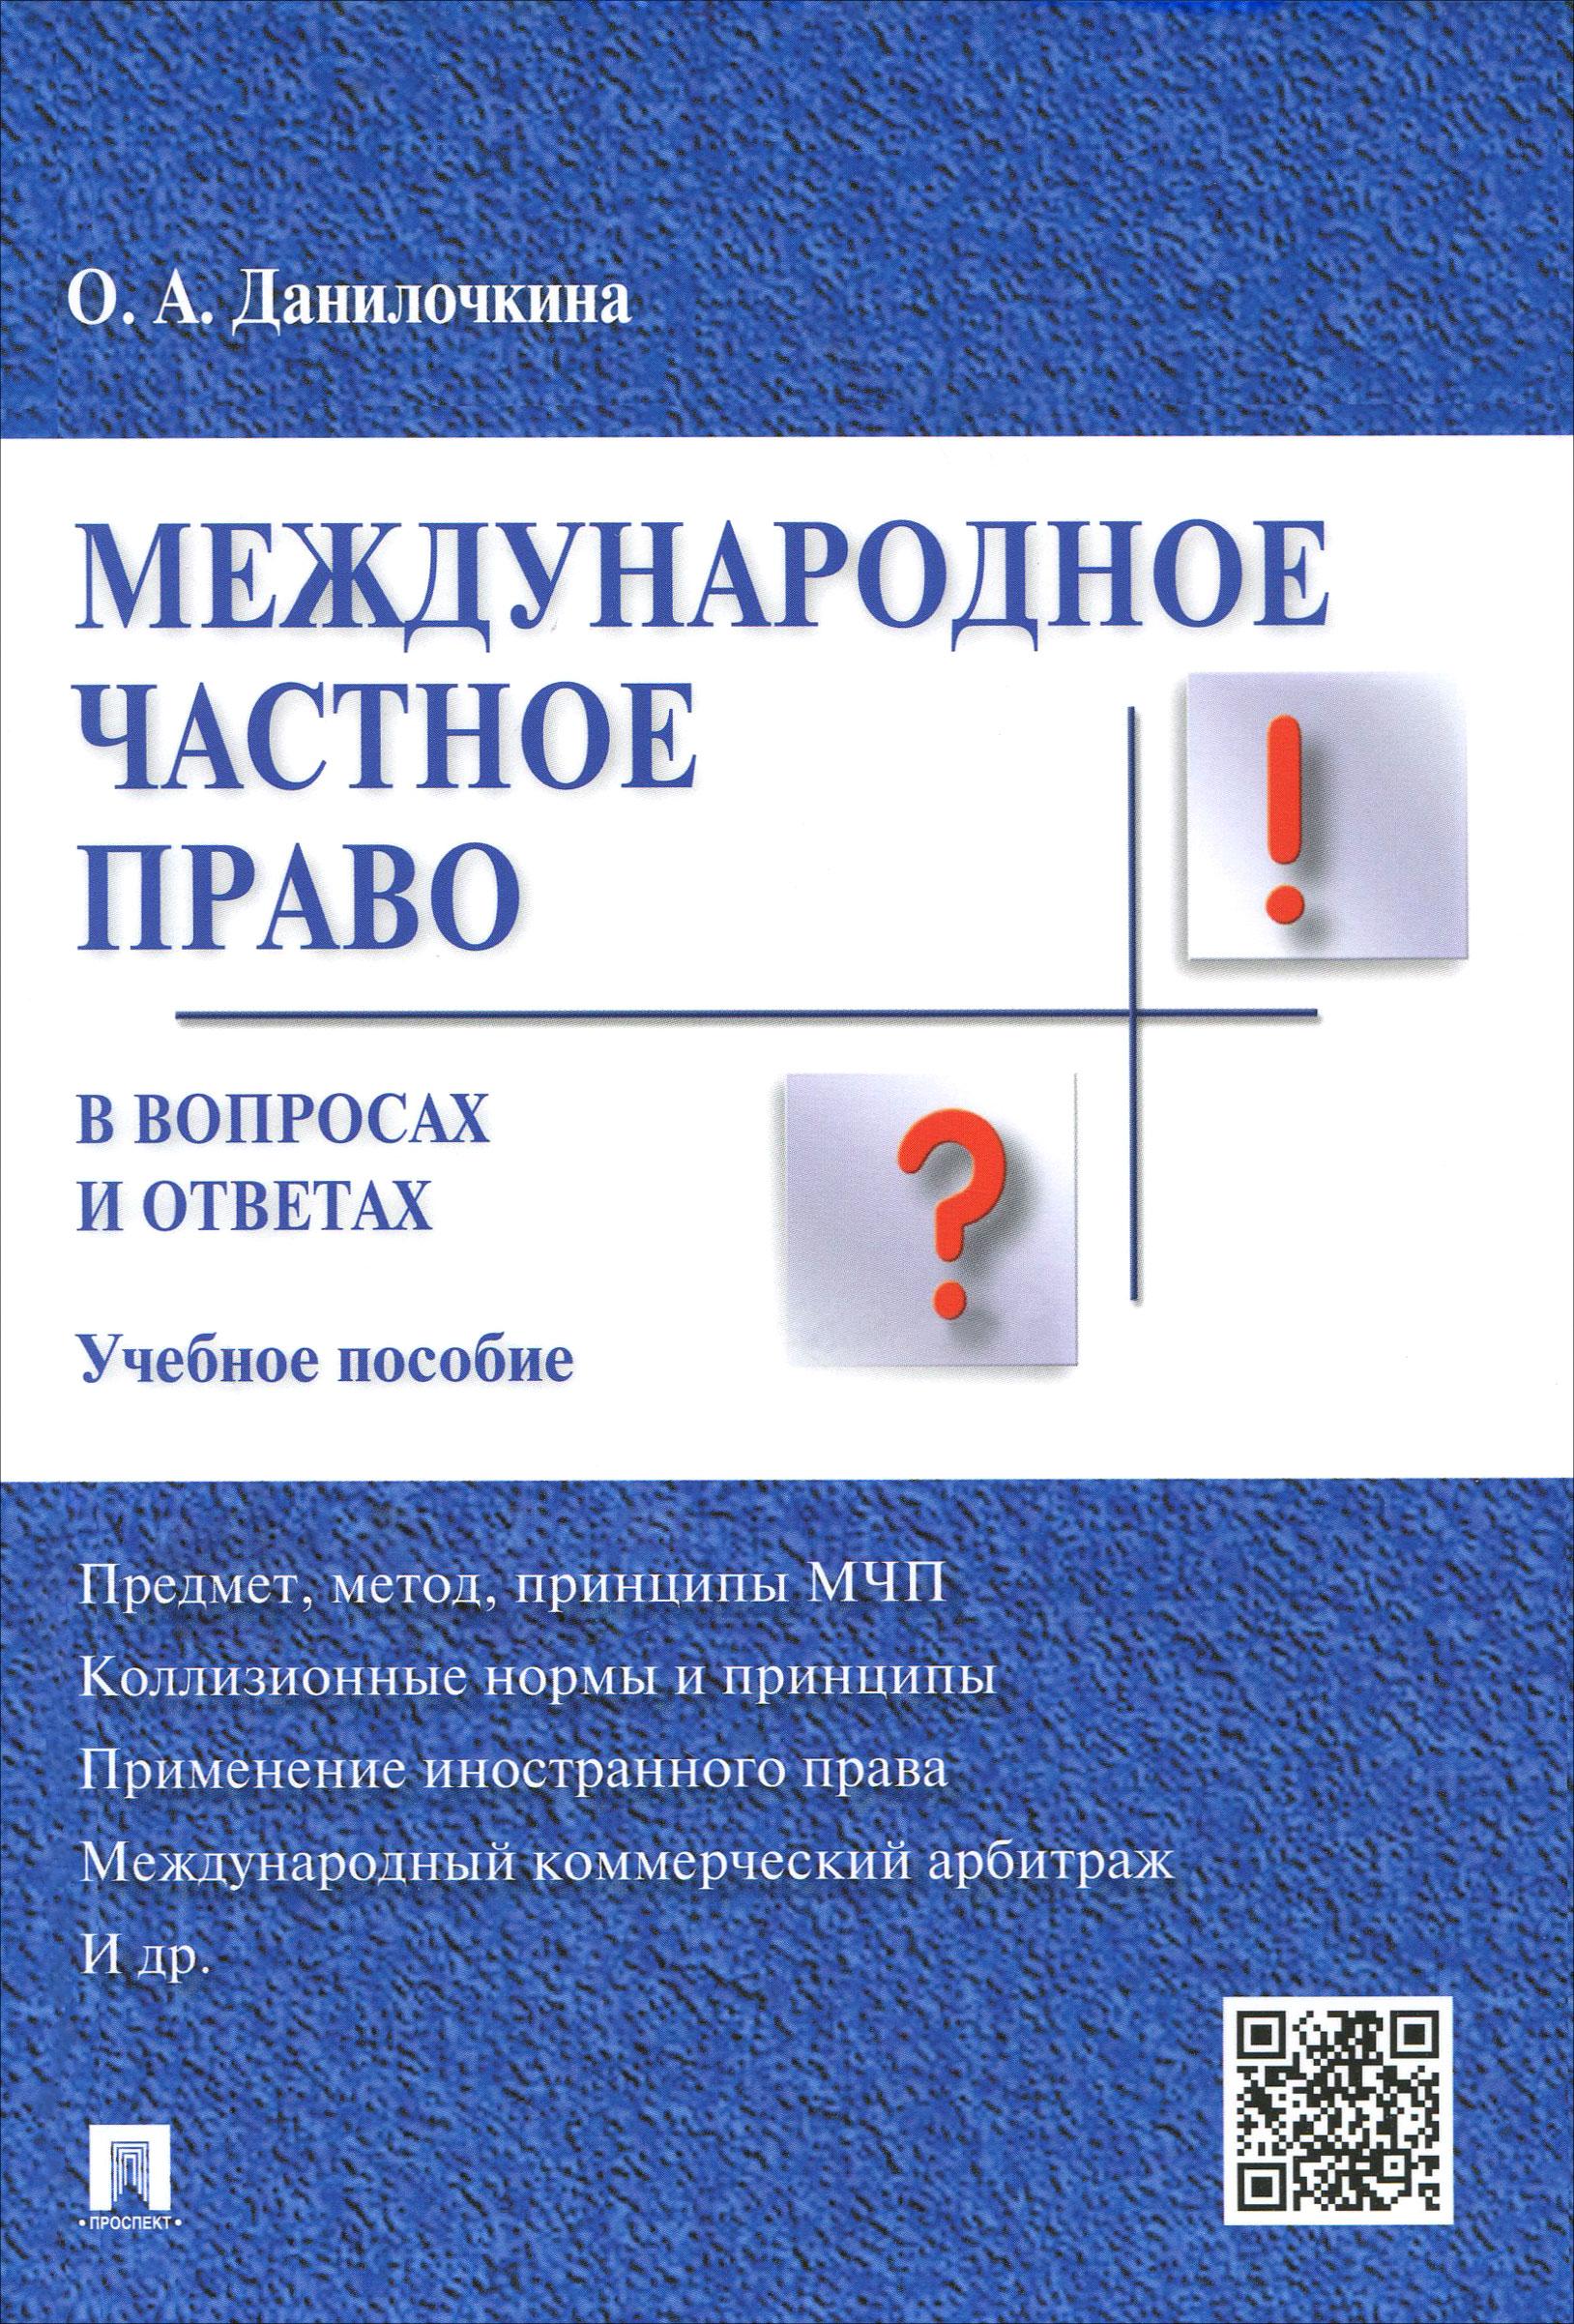 Международное частное право в вопросах и ответах. Учебное пособие ( 978-5-392-19267-0 )